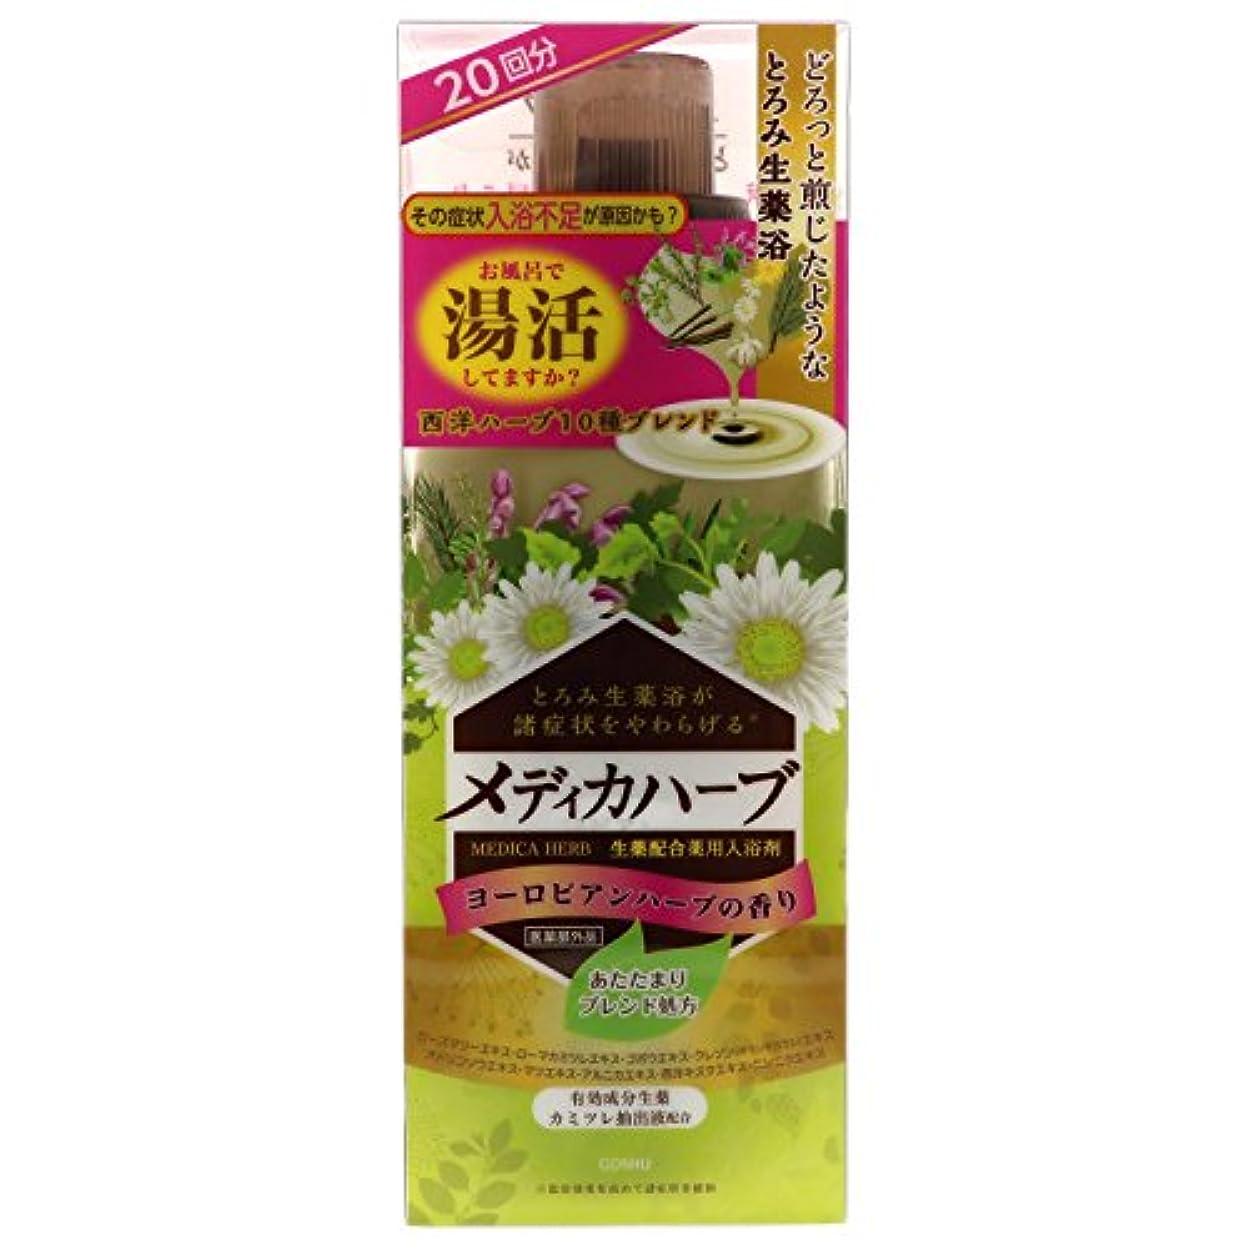 モッキンバードアパル再びメディカハーブ ヨーロピアンハーブの香り 400ML(20回分) [医薬部外品]